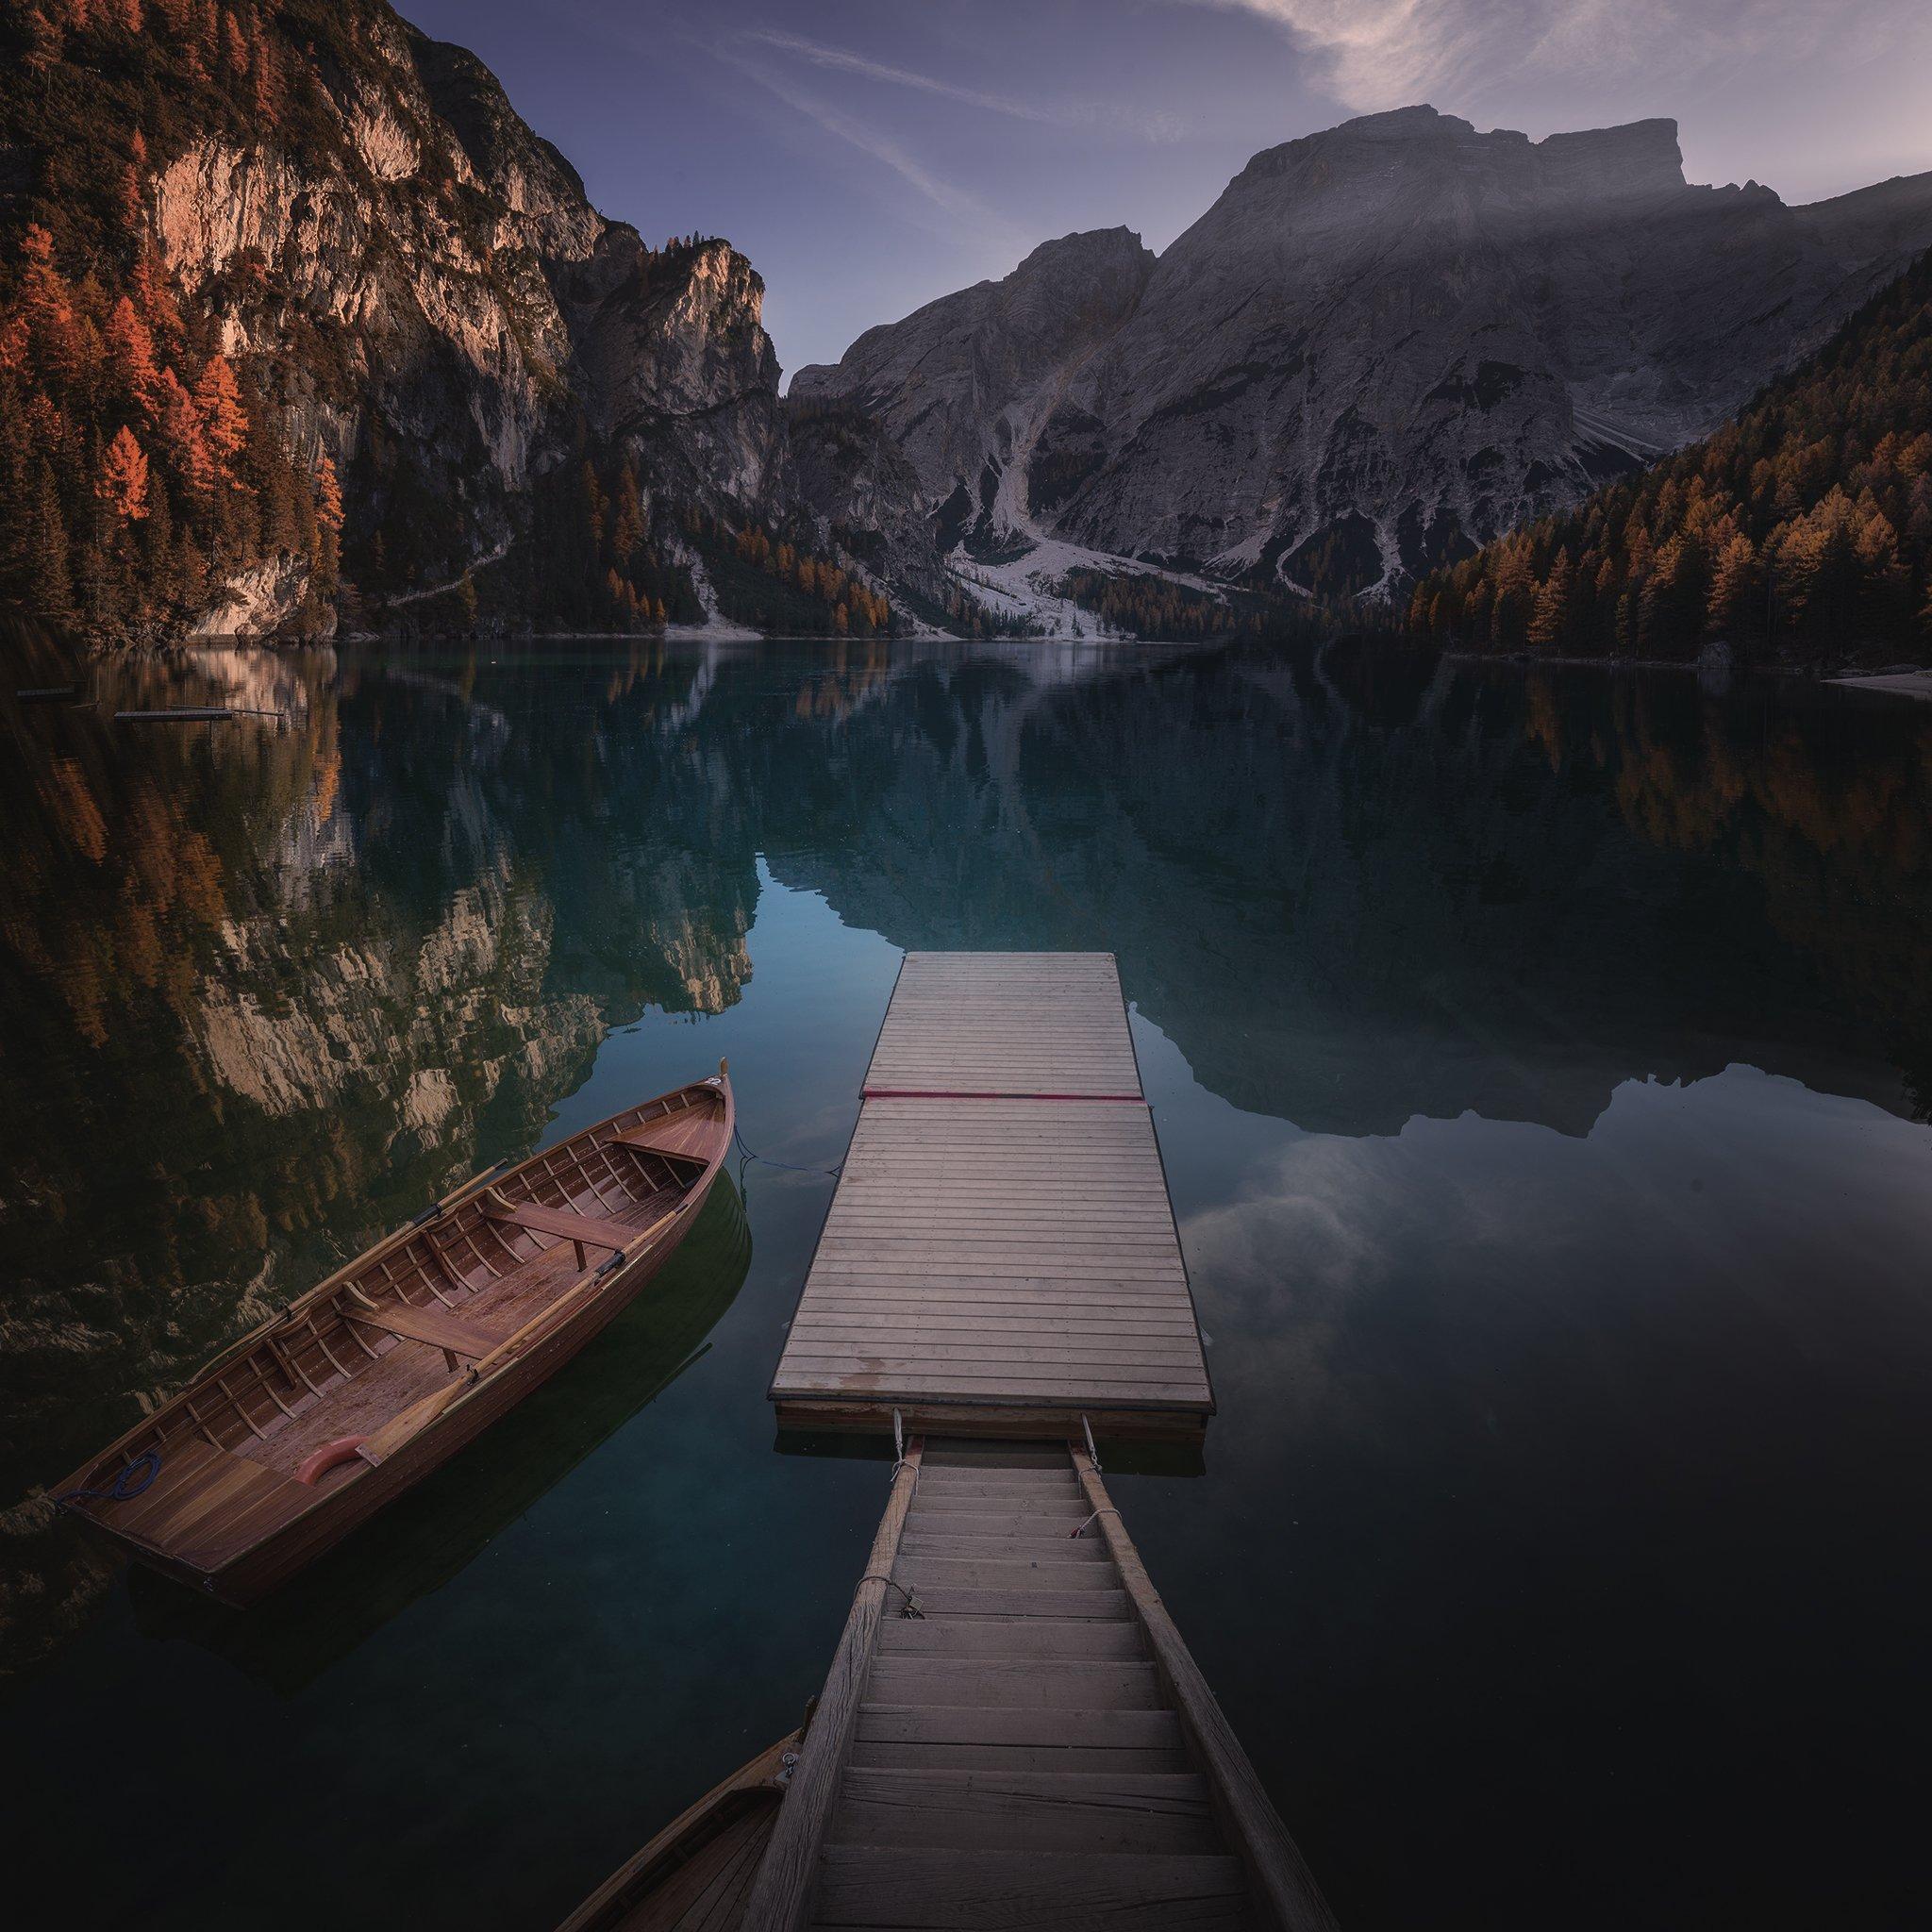 lake, Italy,  autumn, Georgi Mitev